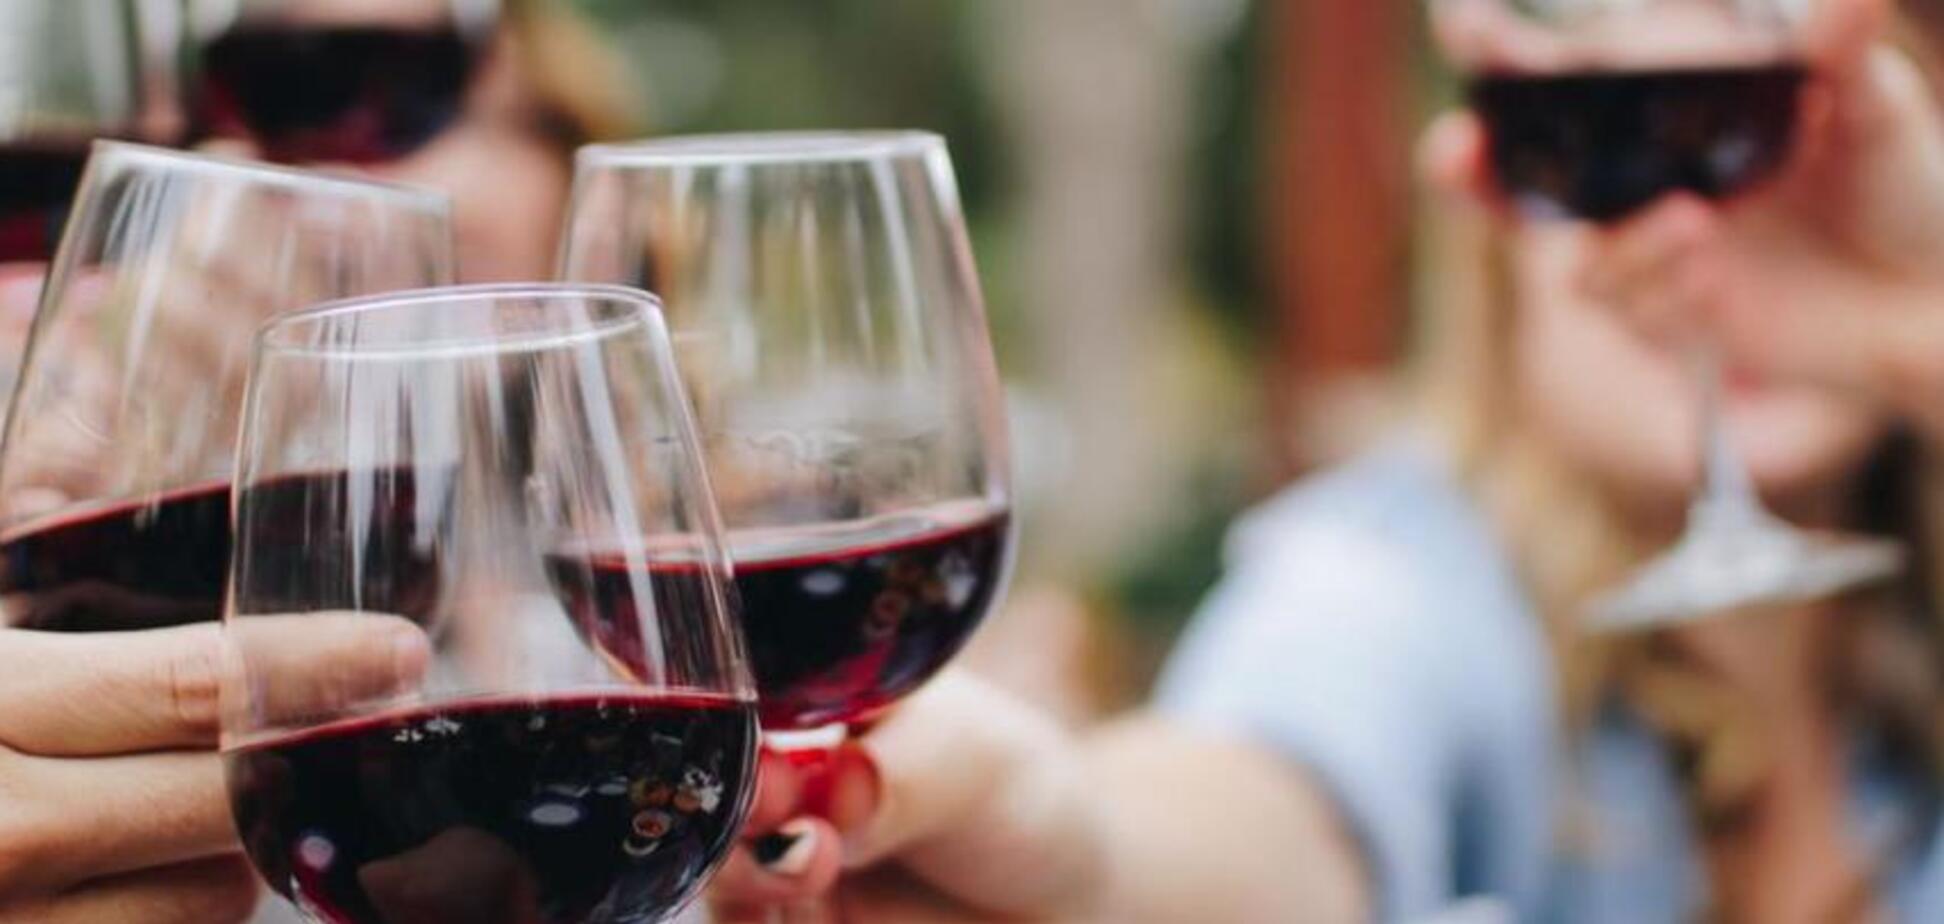 И не больше: врач назвала безопасную для здоровья дозу алкоголя